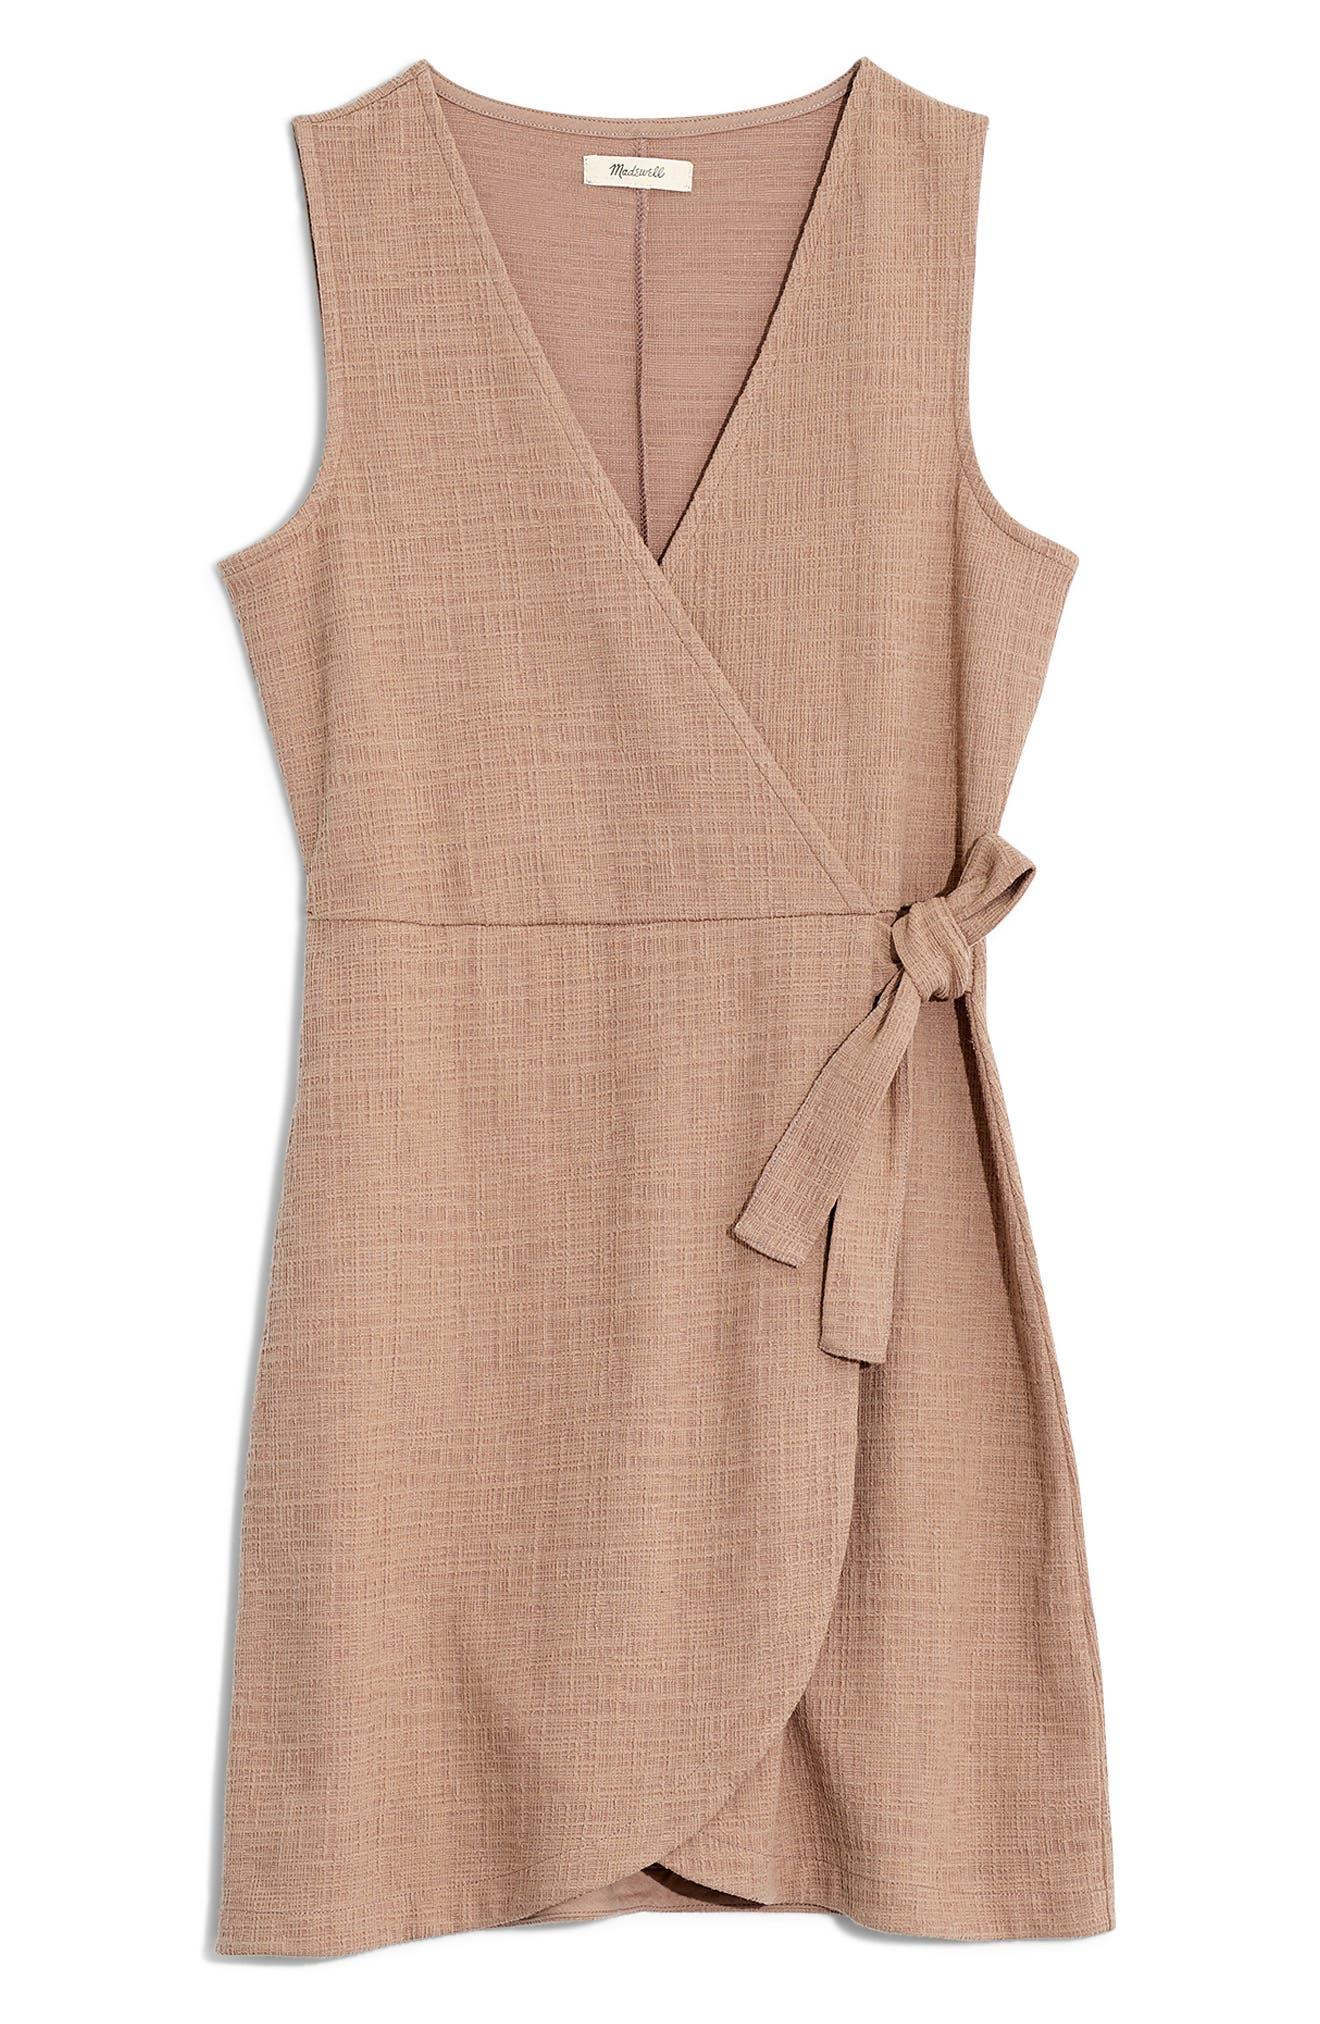 MADEWELL, Texture & Thread Side Tie Minidress, Alternate thumbnail 7, color, TELLURIDE STONE